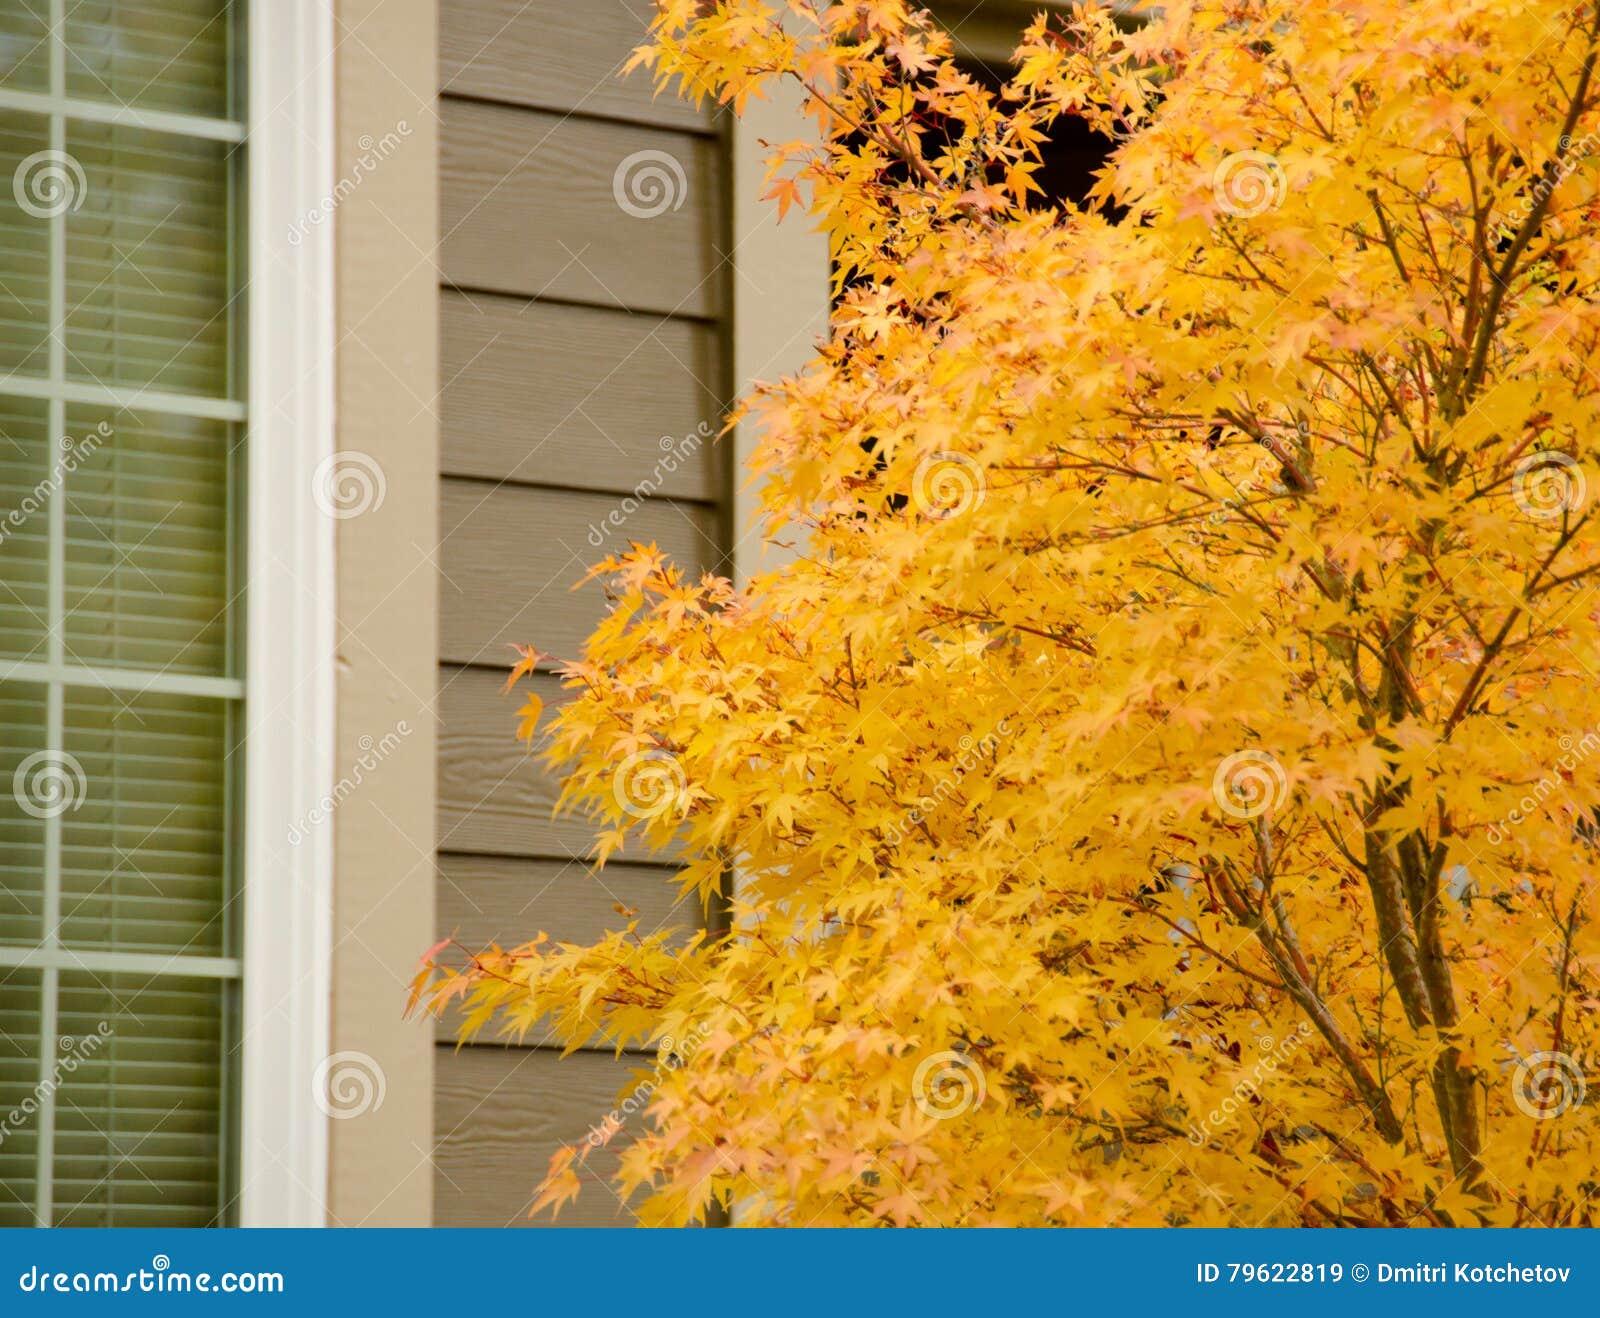 Grande bordo japonês com folha amarela ao lado de uma janela alta